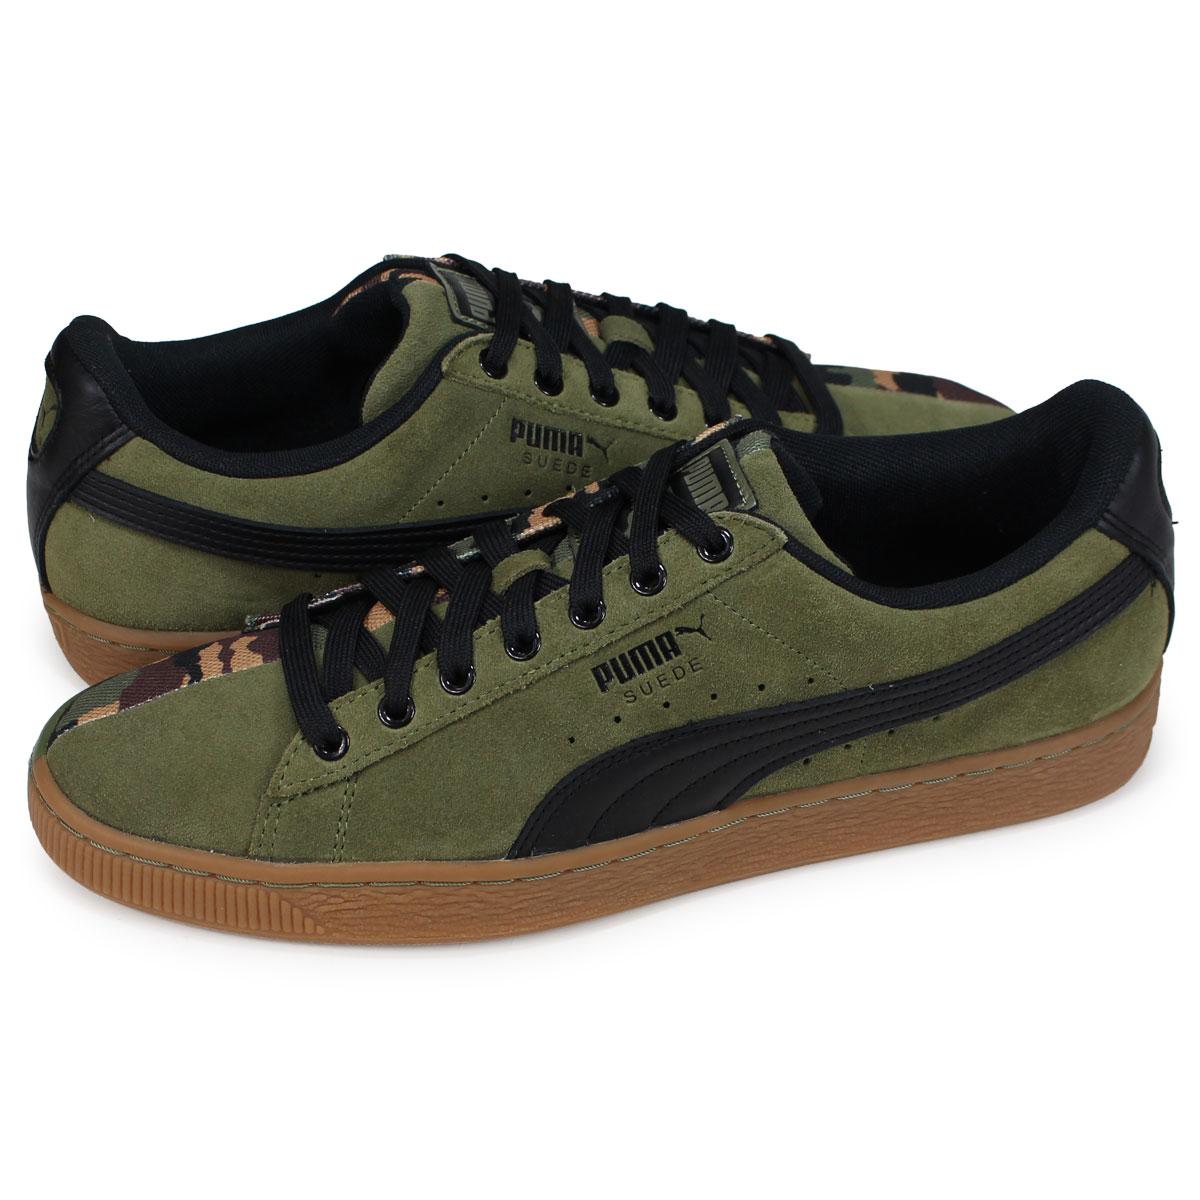 the best attitude cd5f7 73687 PUMA SUEDE CLASSIC Puma suede cloth classical music sneakers men khaki  367,986-01 [191]